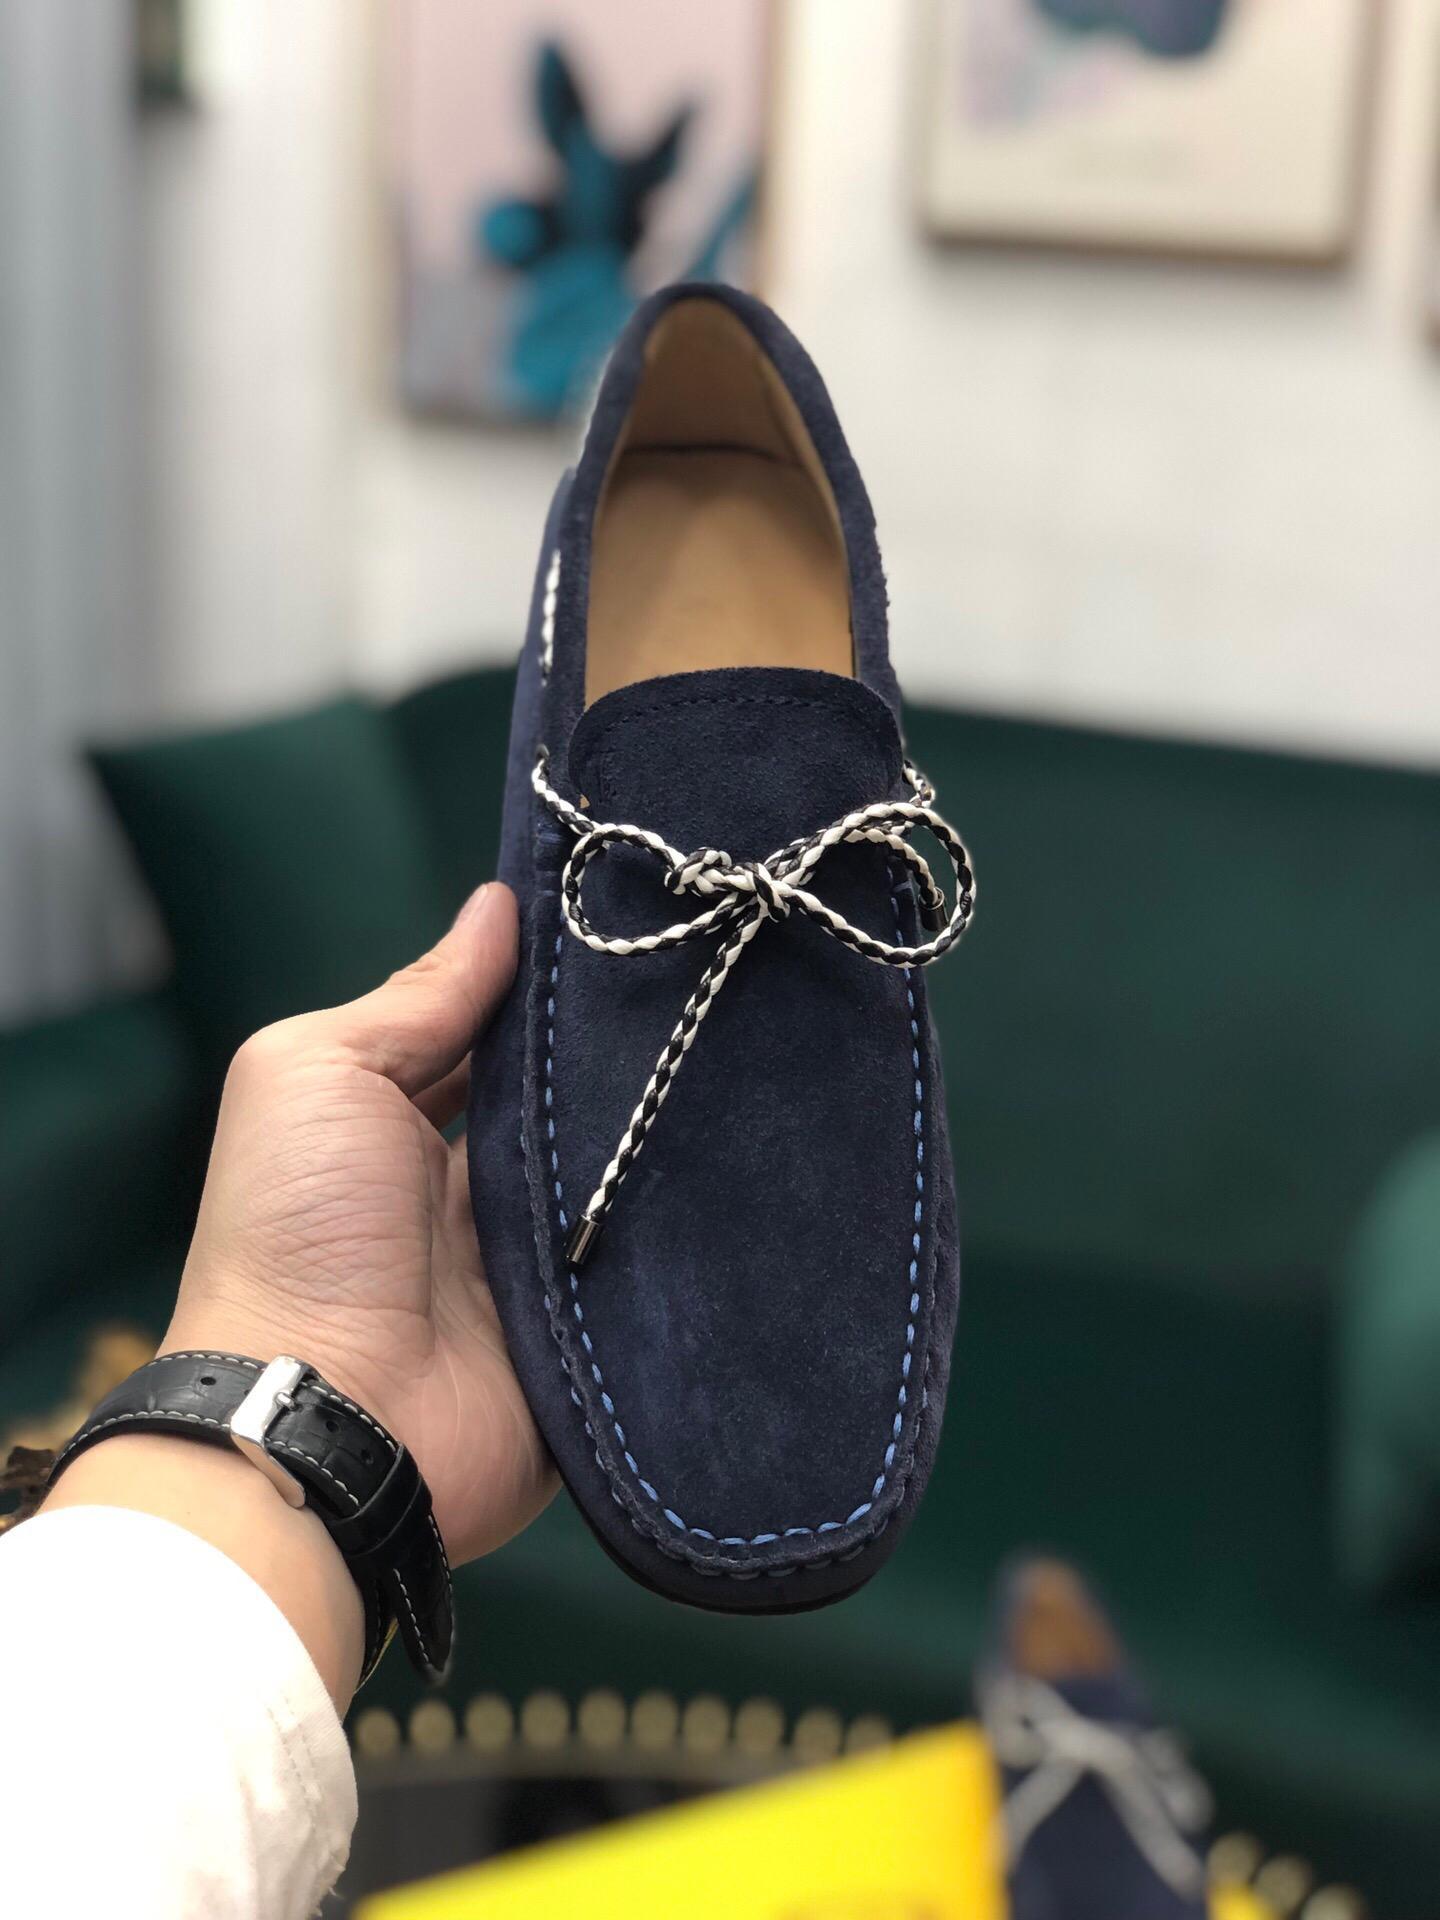 2020 DA Livraison gratuite Men Designercasual Chaussures Multicolor MNES Designershoes Sport de haute qualité Trainning Brandshoes 20022503D